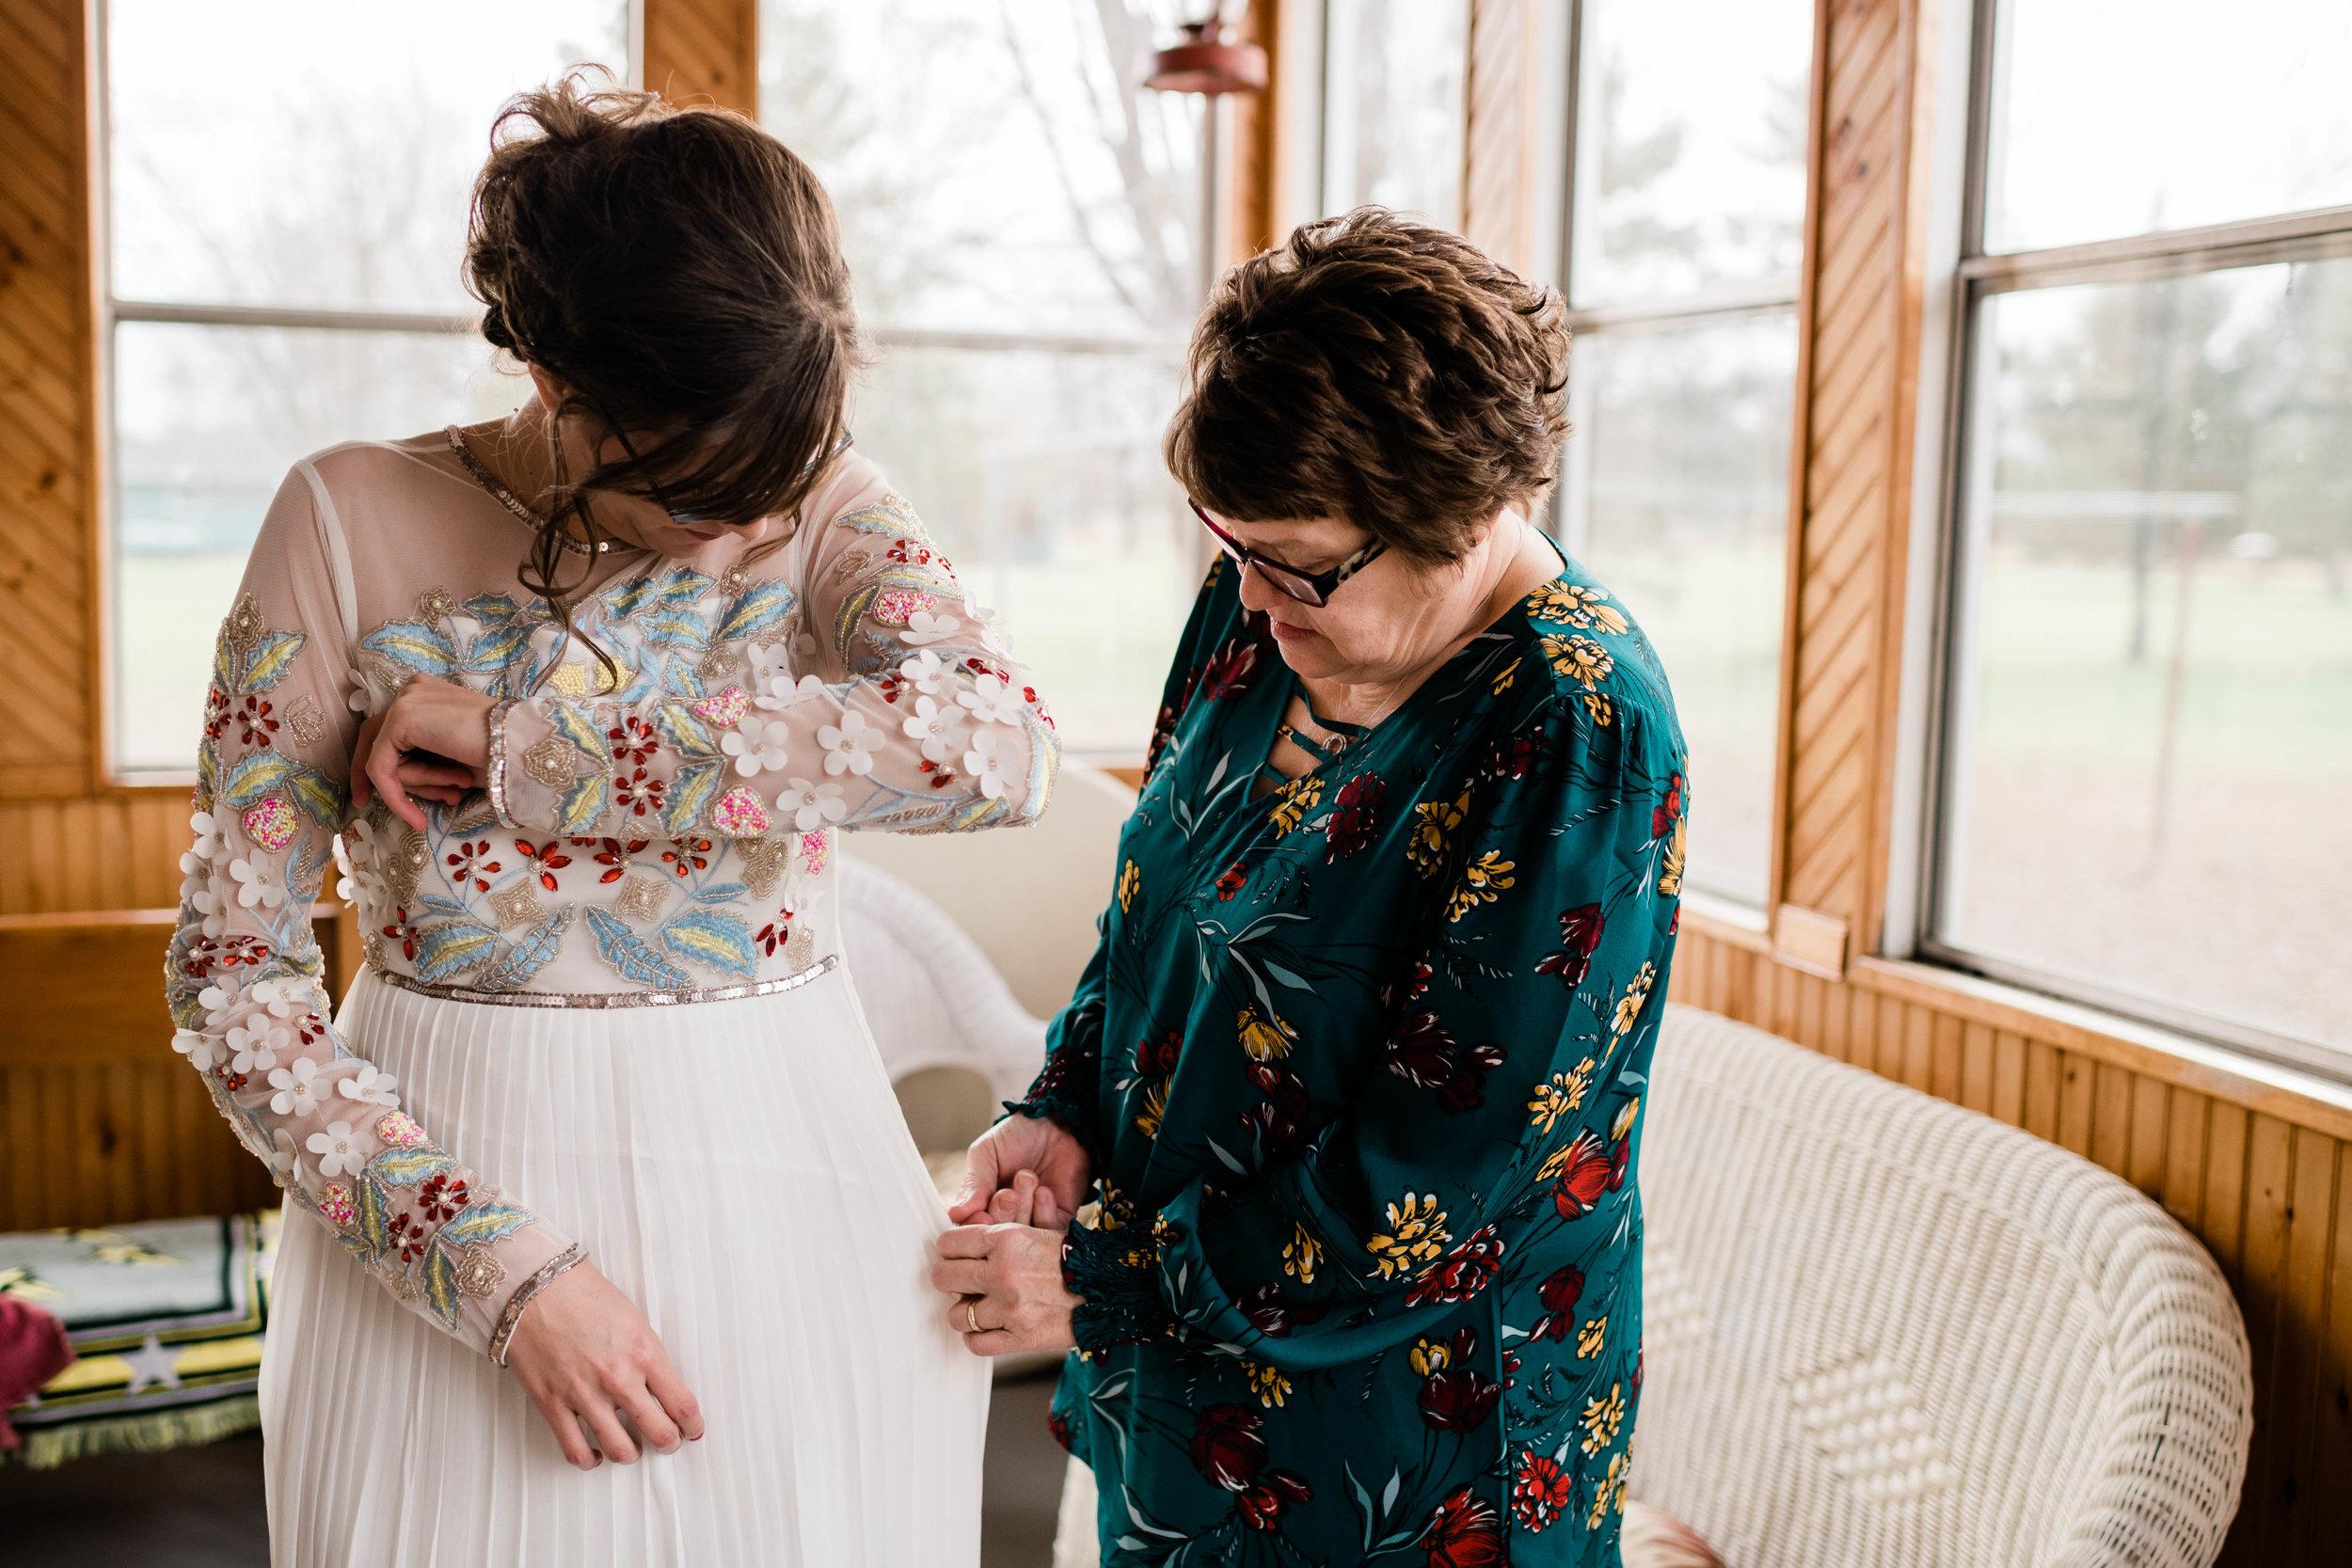 Mother helps her daughter zip up her wedding dress